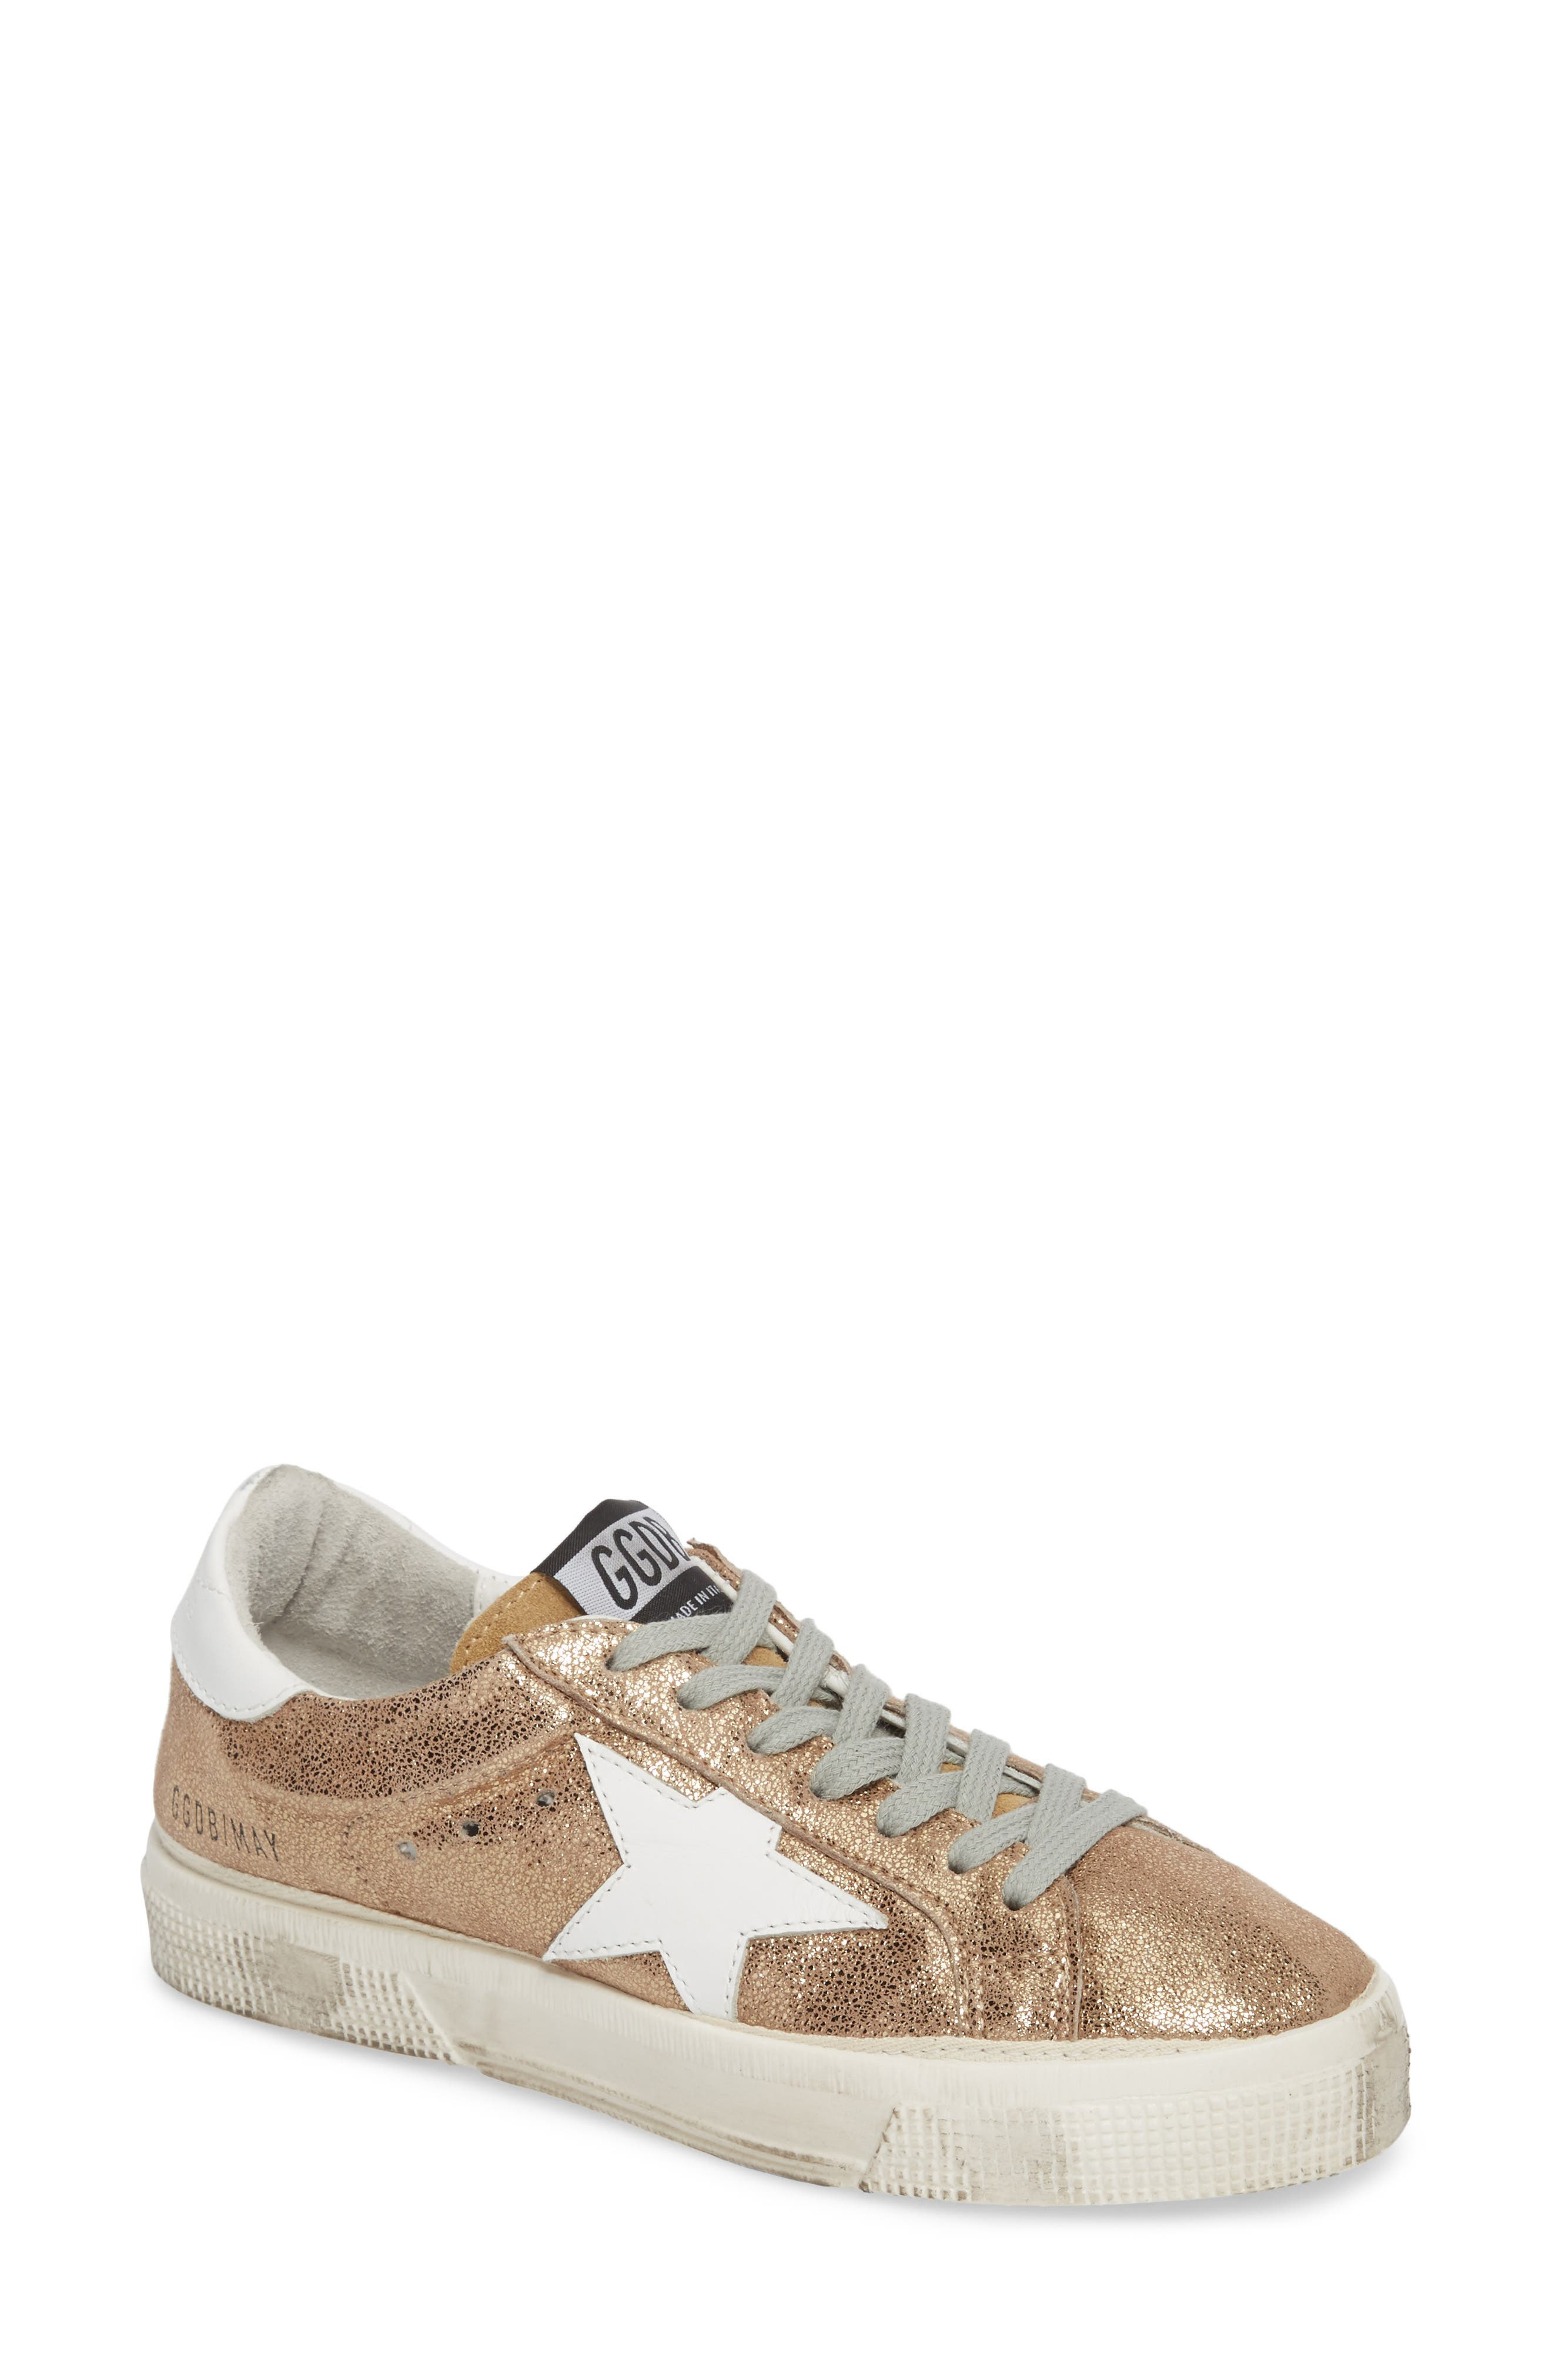 May Metallic Low Top Sneaker,                             Main thumbnail 1, color,                             710